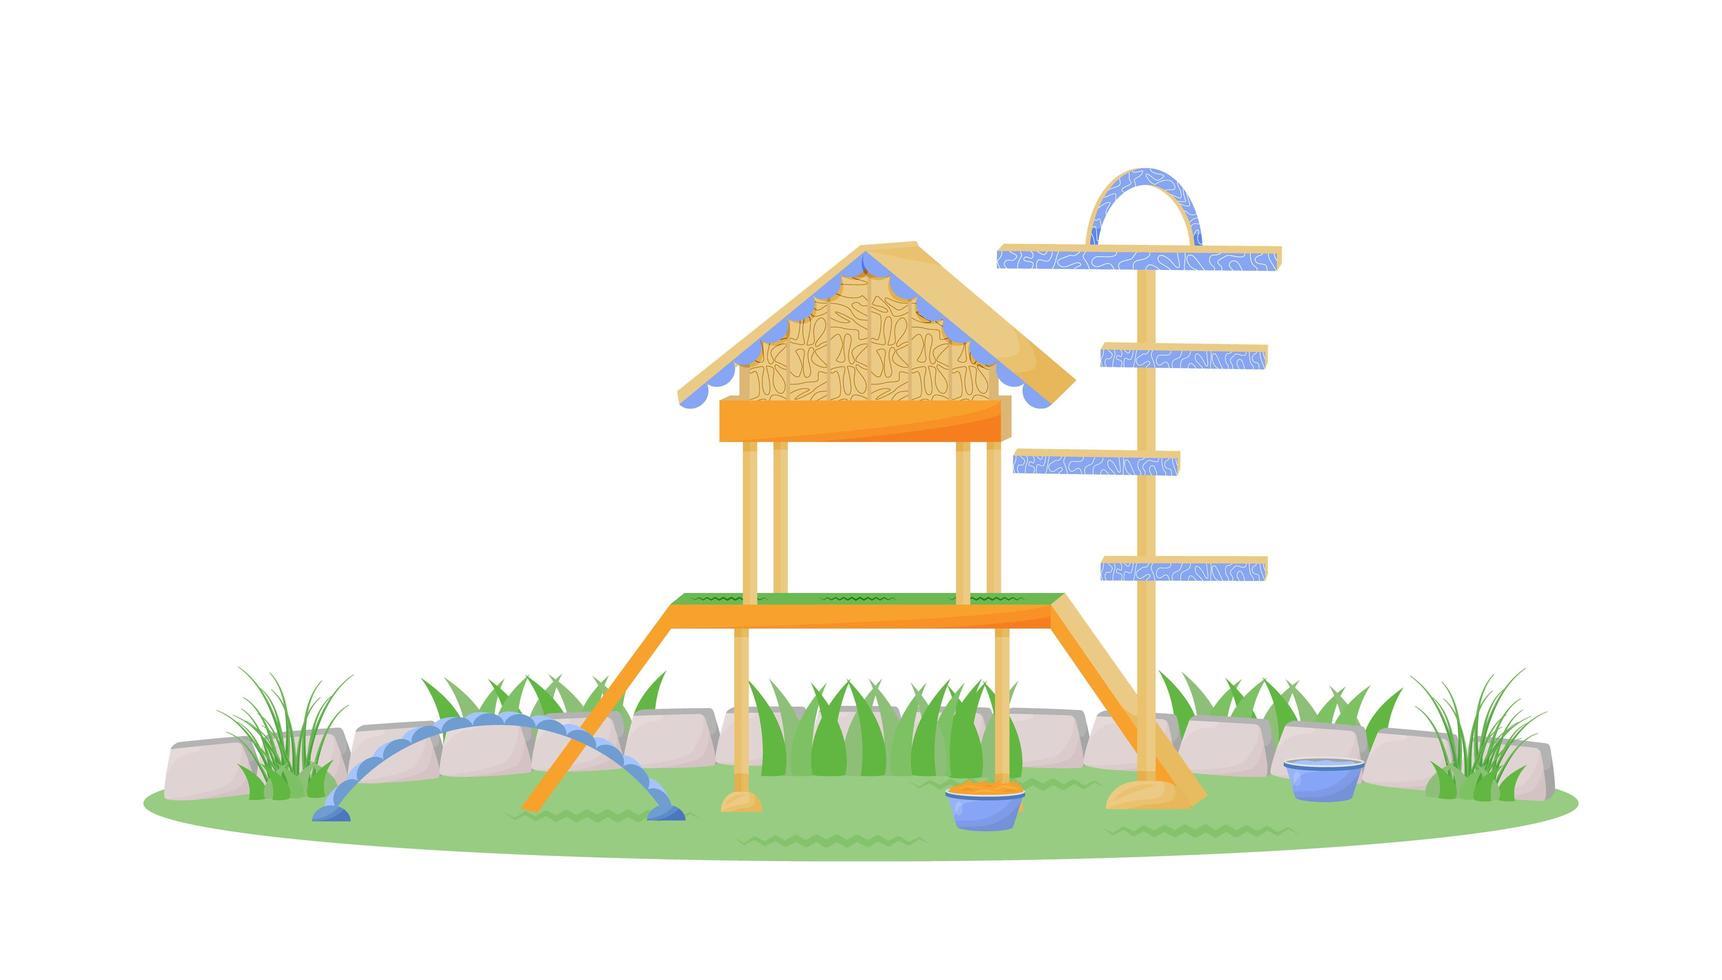 Spielhaus im Park vektor